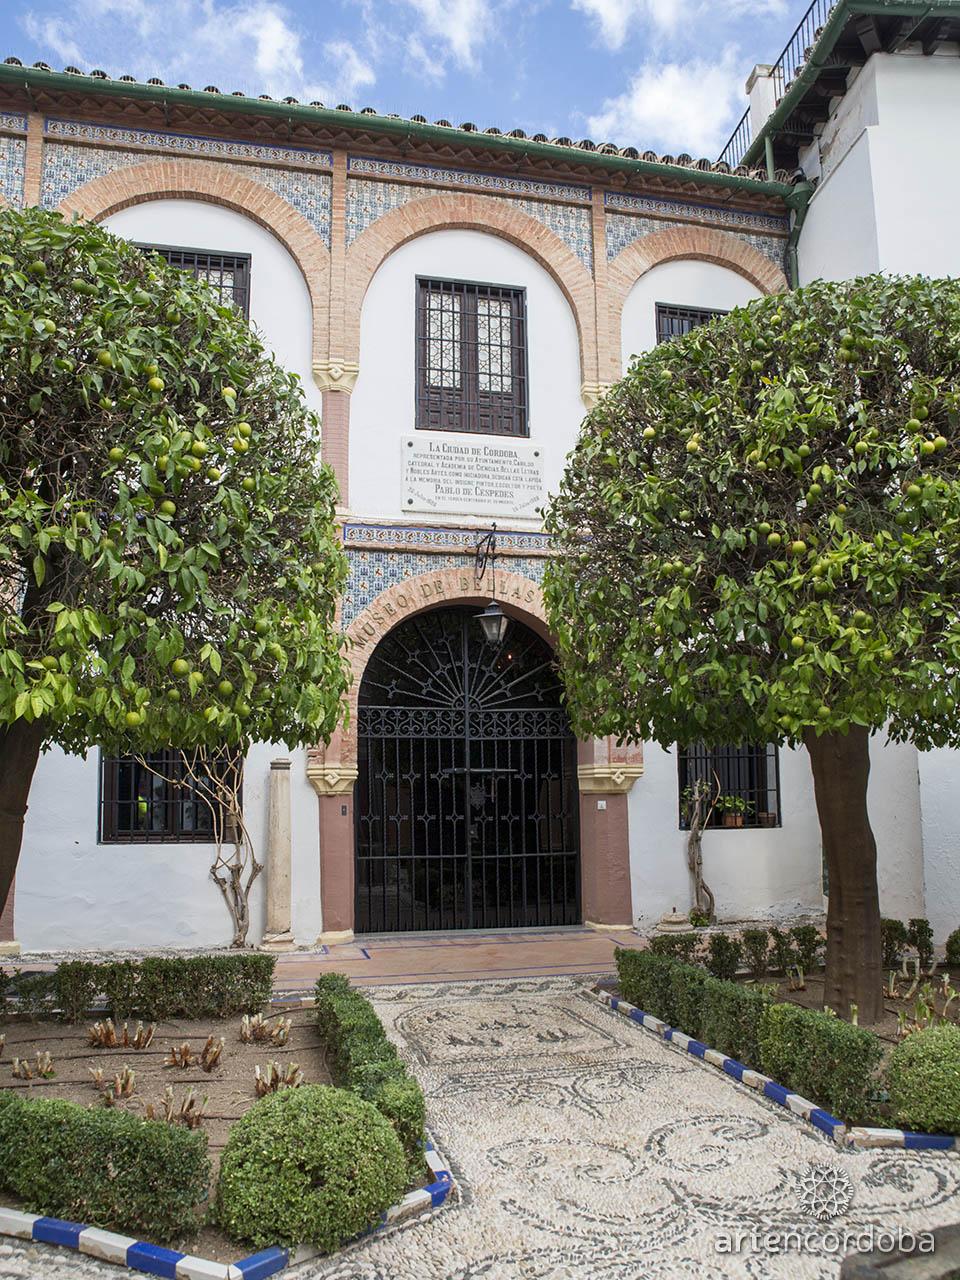 Entrada principal al Museo de Bellas Artes de Córdoba